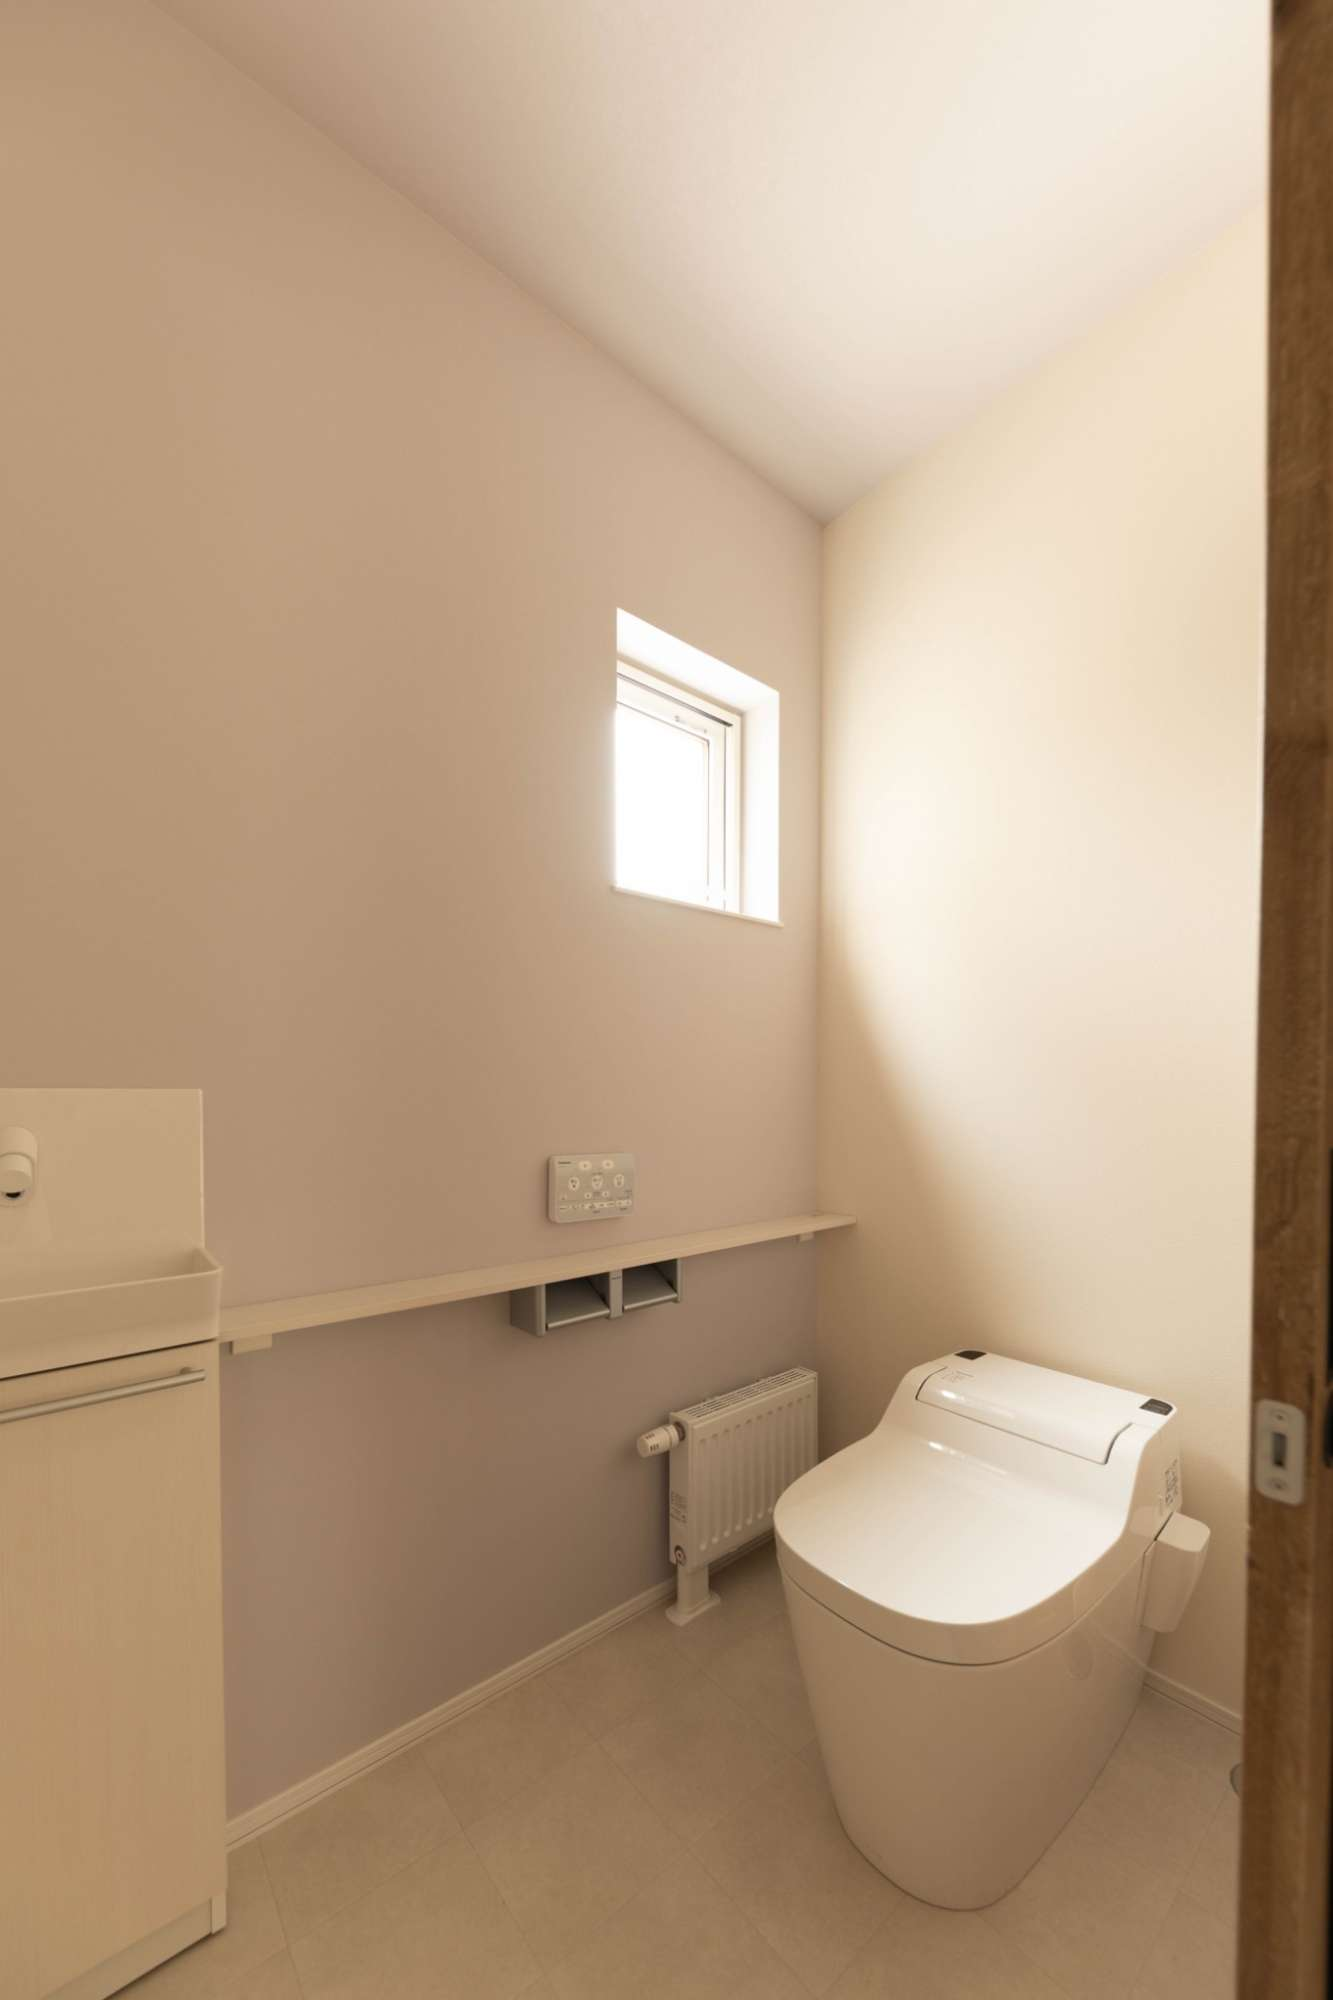 窓付き、カウンターも便利なトイレ -  -  -